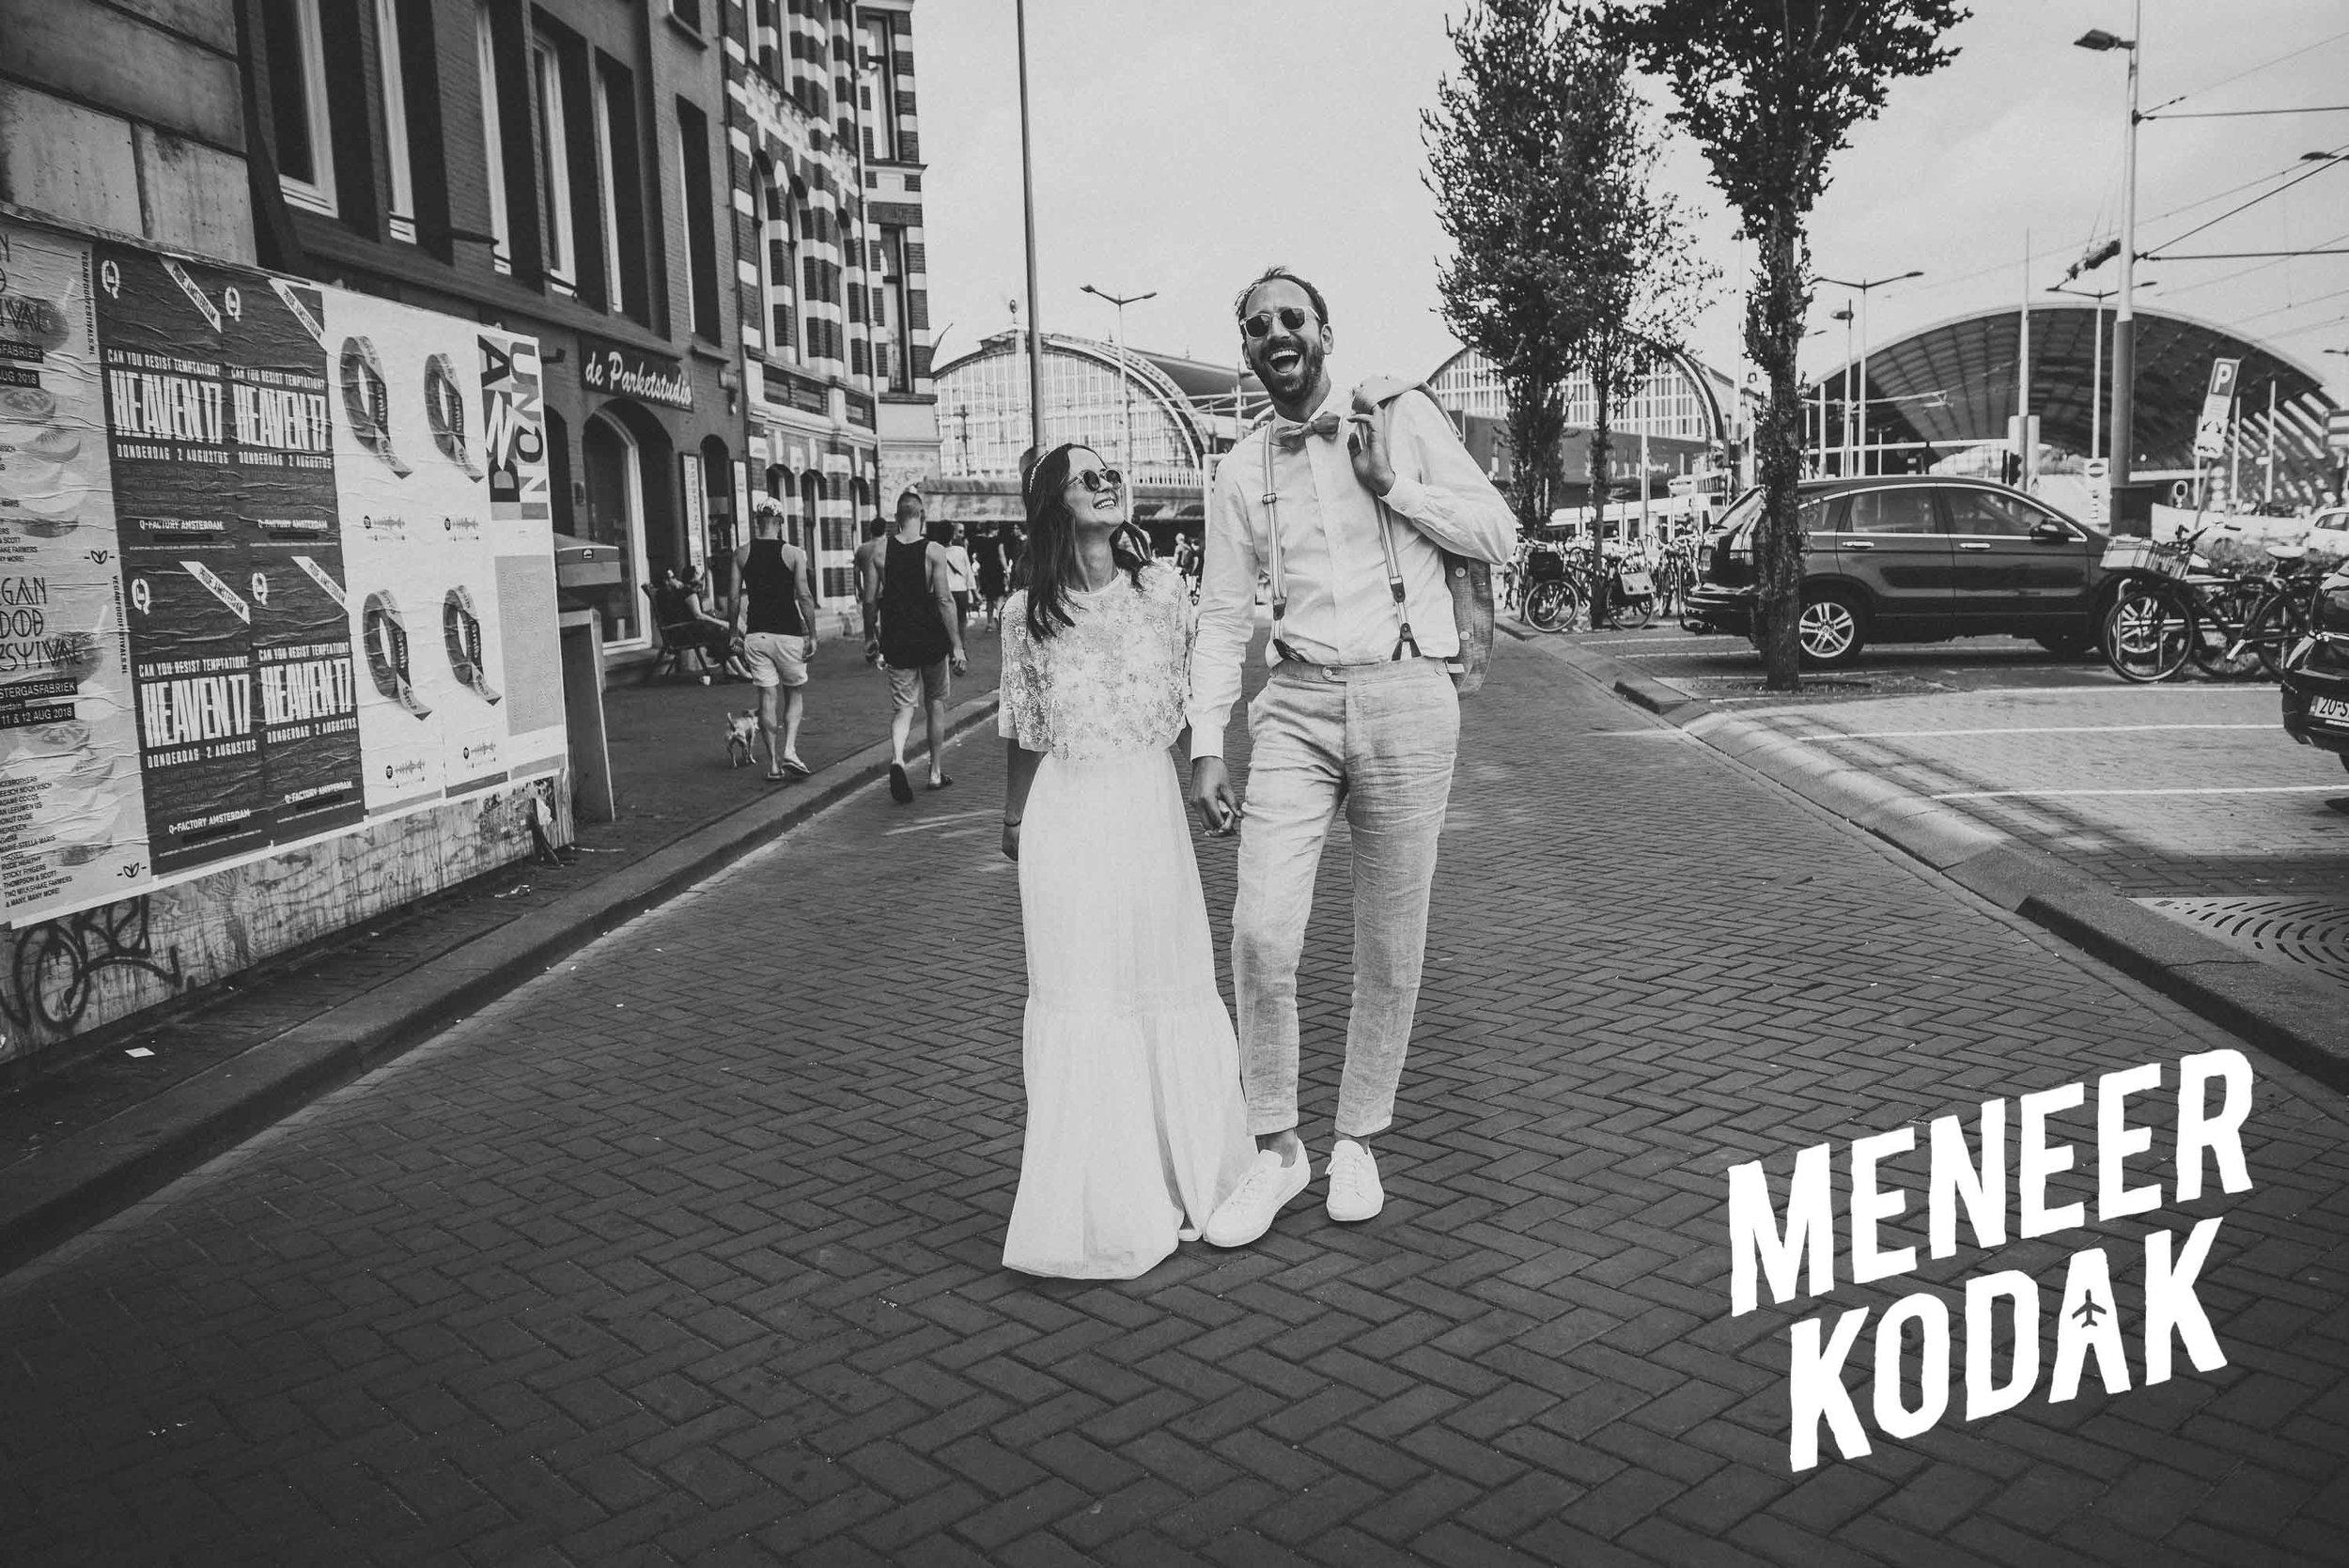 Meneer Kodak - Trouwfotograaf - Amsterdam - H&T-051.jpg